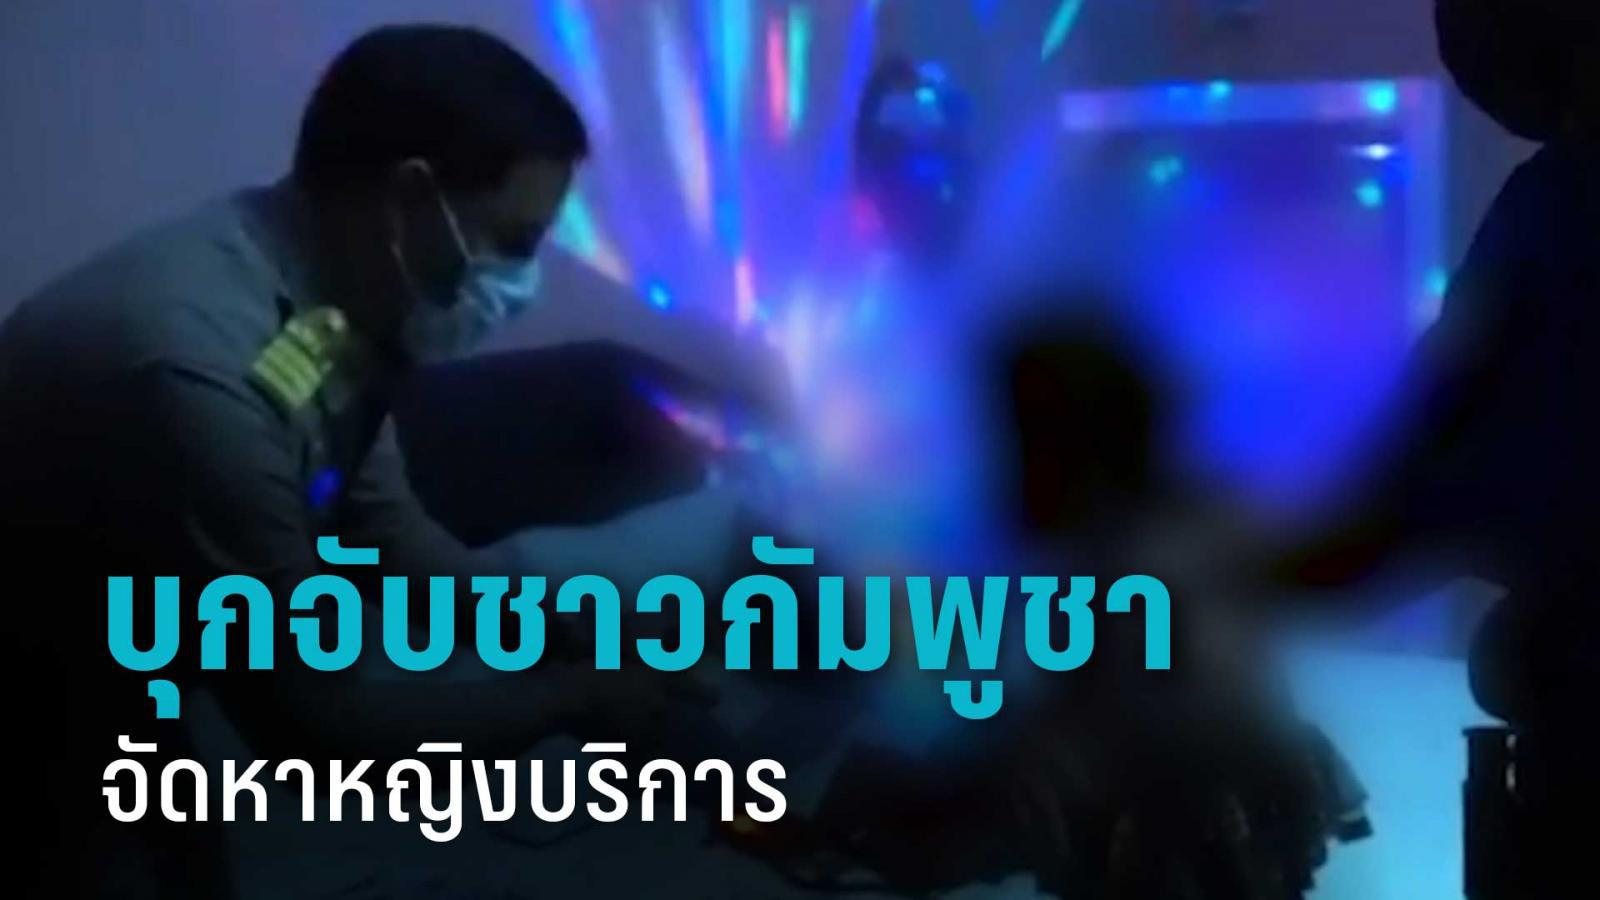 กรมการปกครองบุกจับชาวกัมพูชาจัดหาหญิงบริการทางเพศ